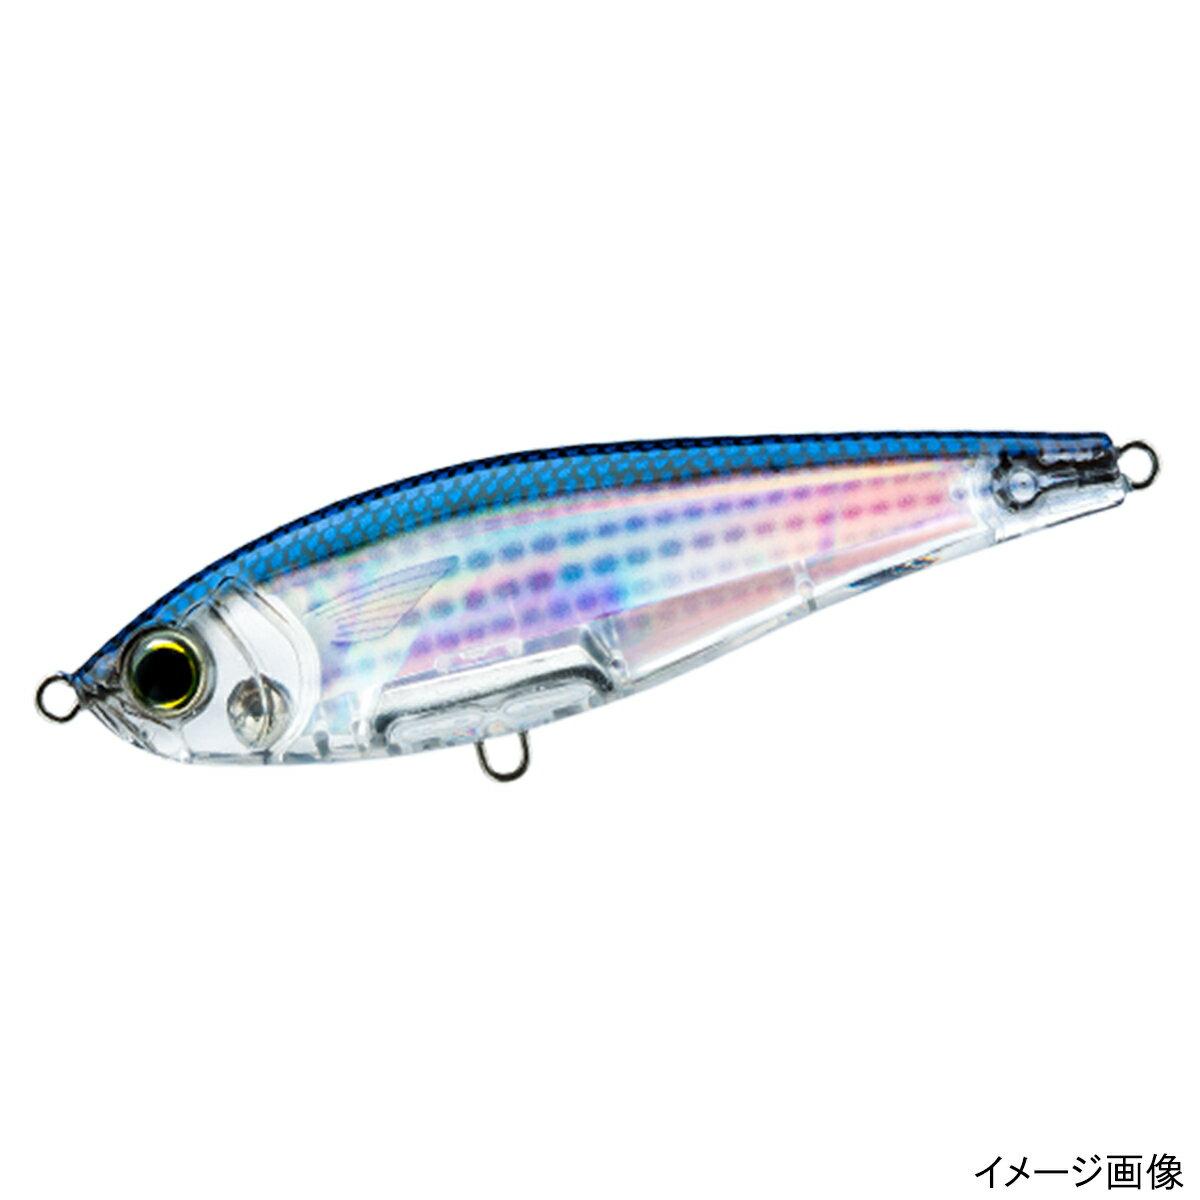 ヨーヅリ 3D INSHORE トゥイッチベイト(SS) 90mm HMT(ボラ)